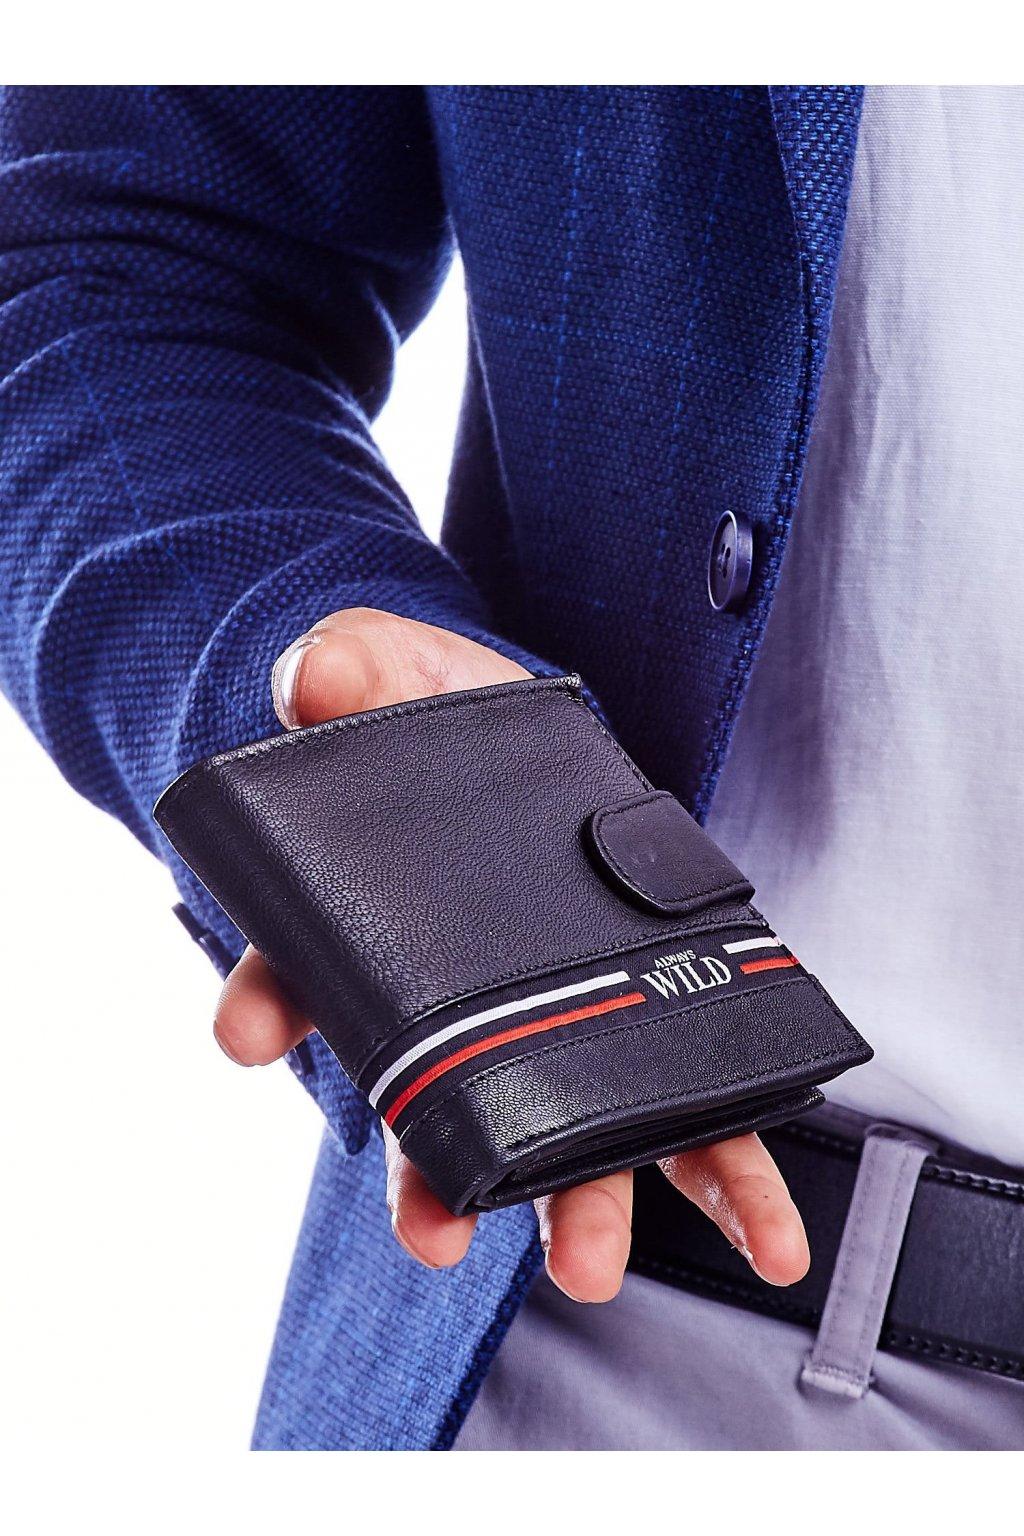 Pánska peňaženka kód CE-PR-N992L-GV.79